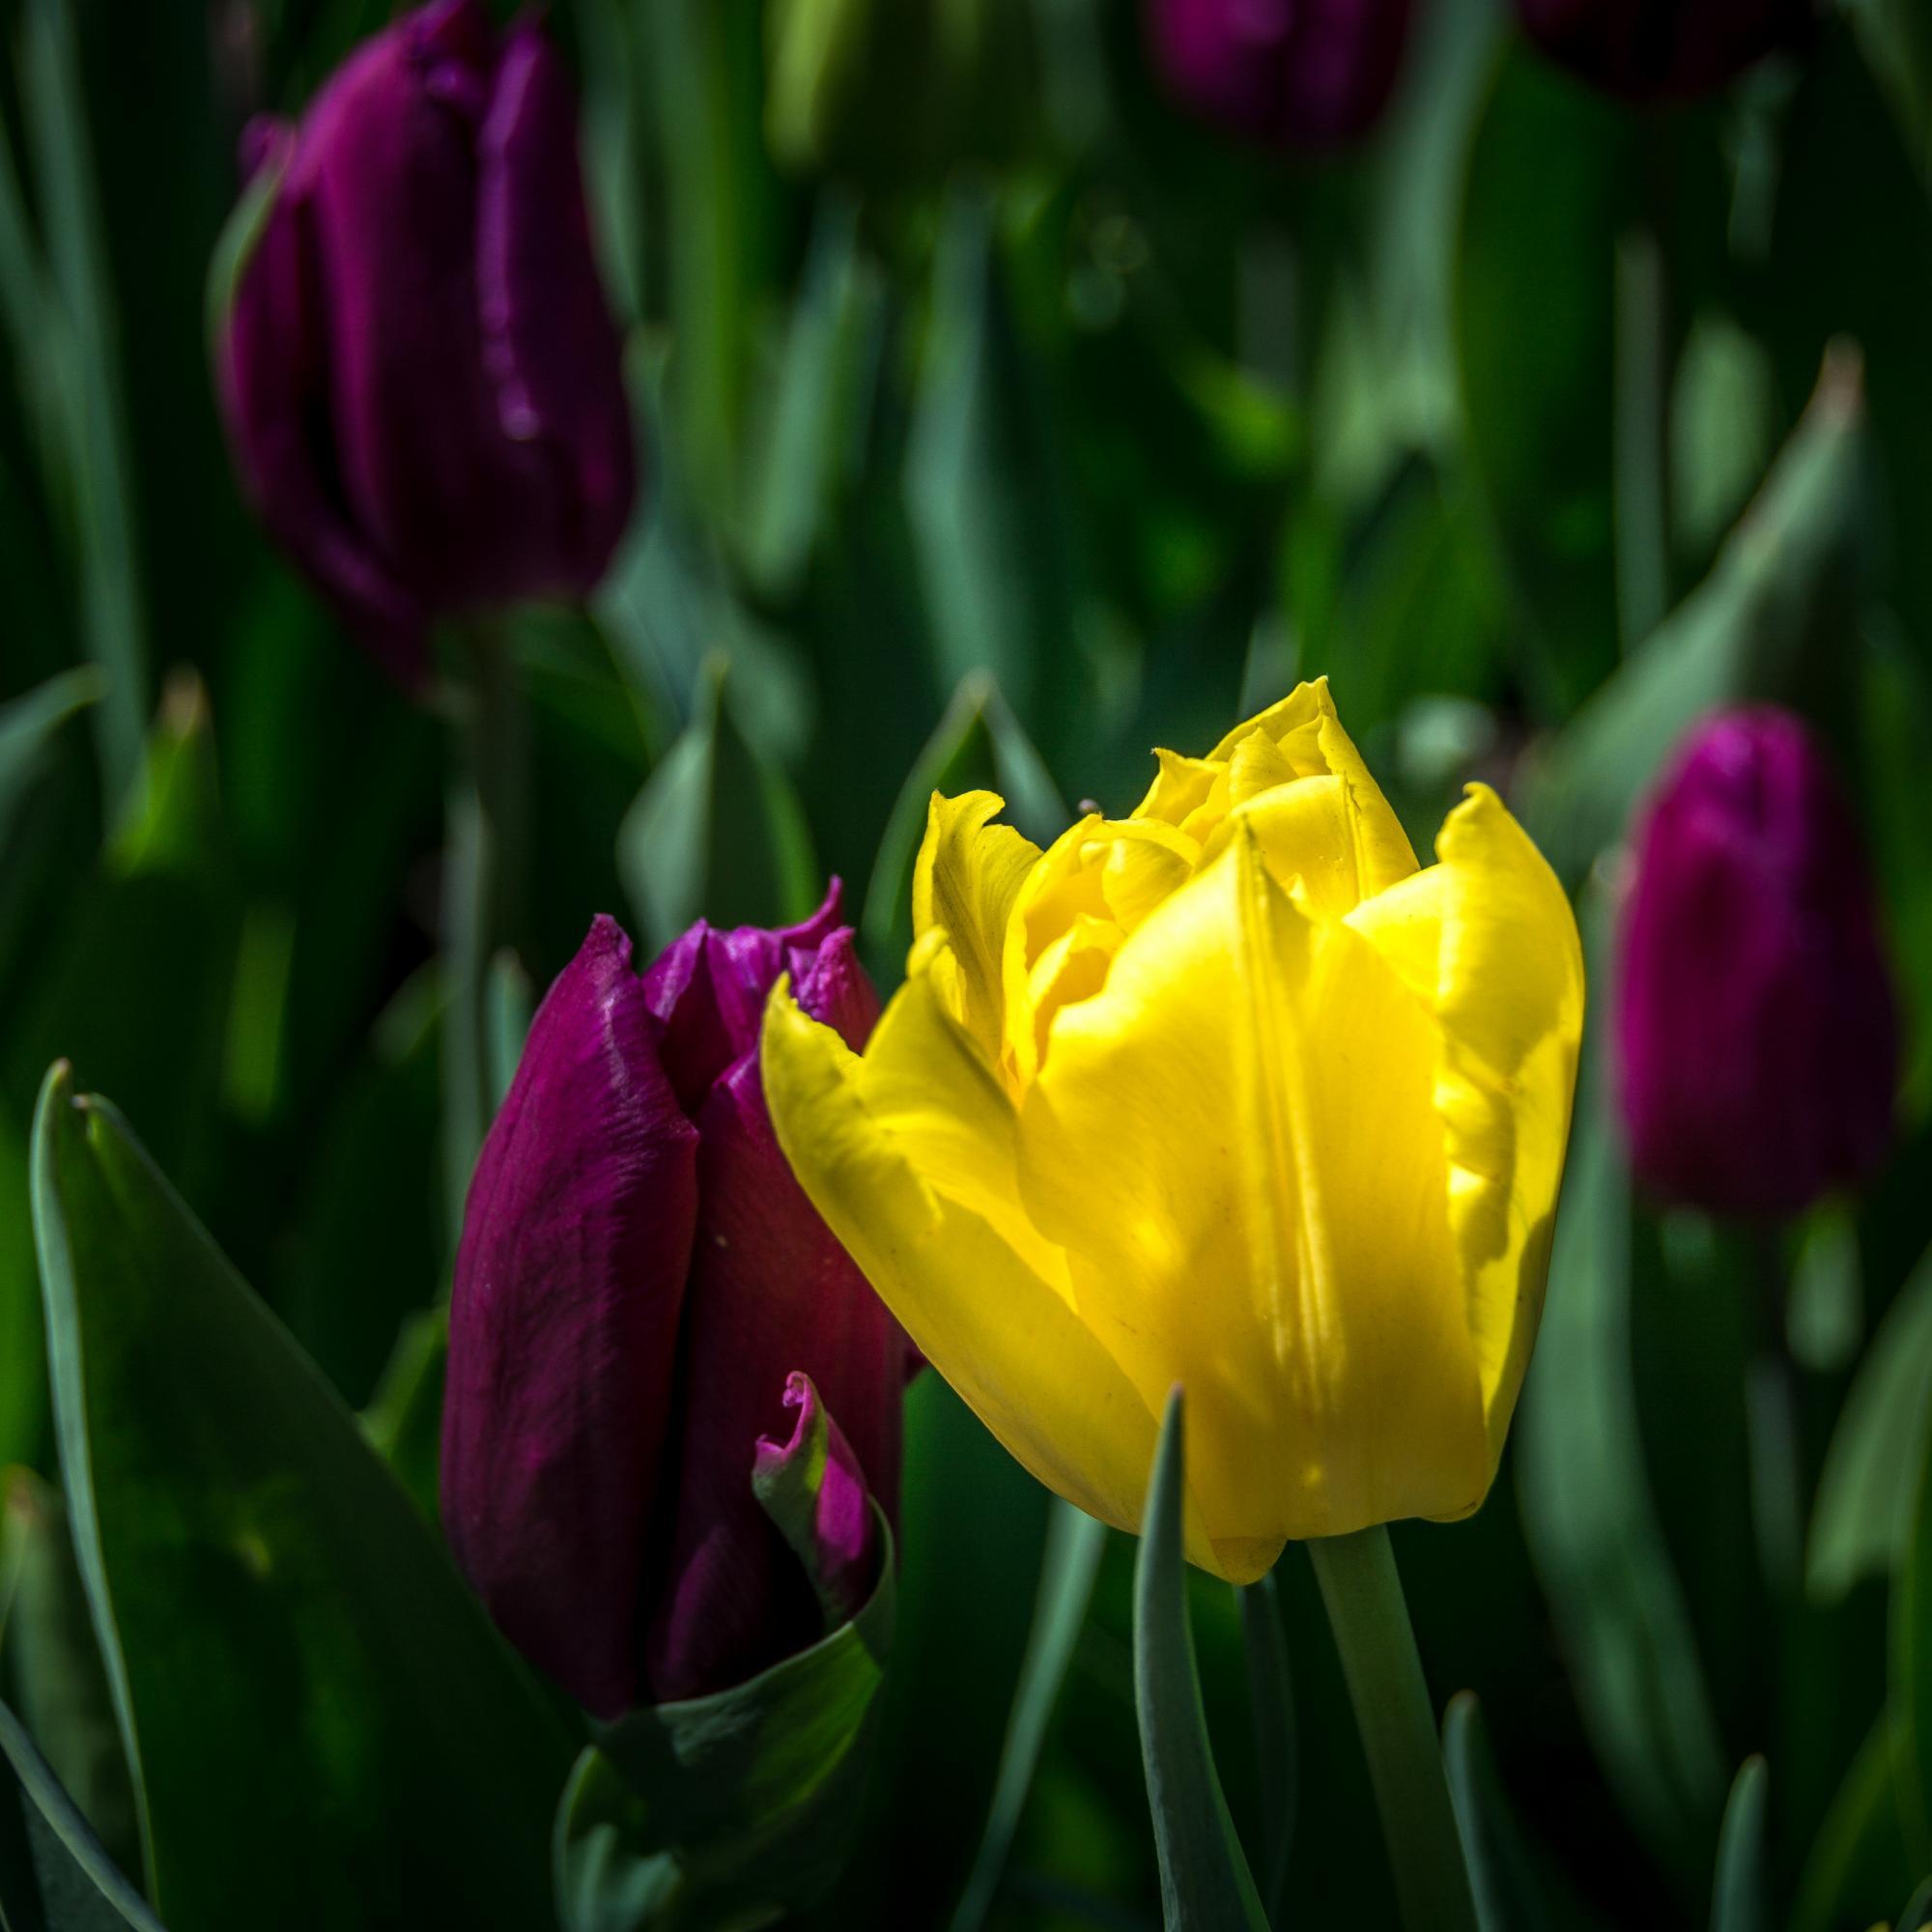 yellow tulip-718542